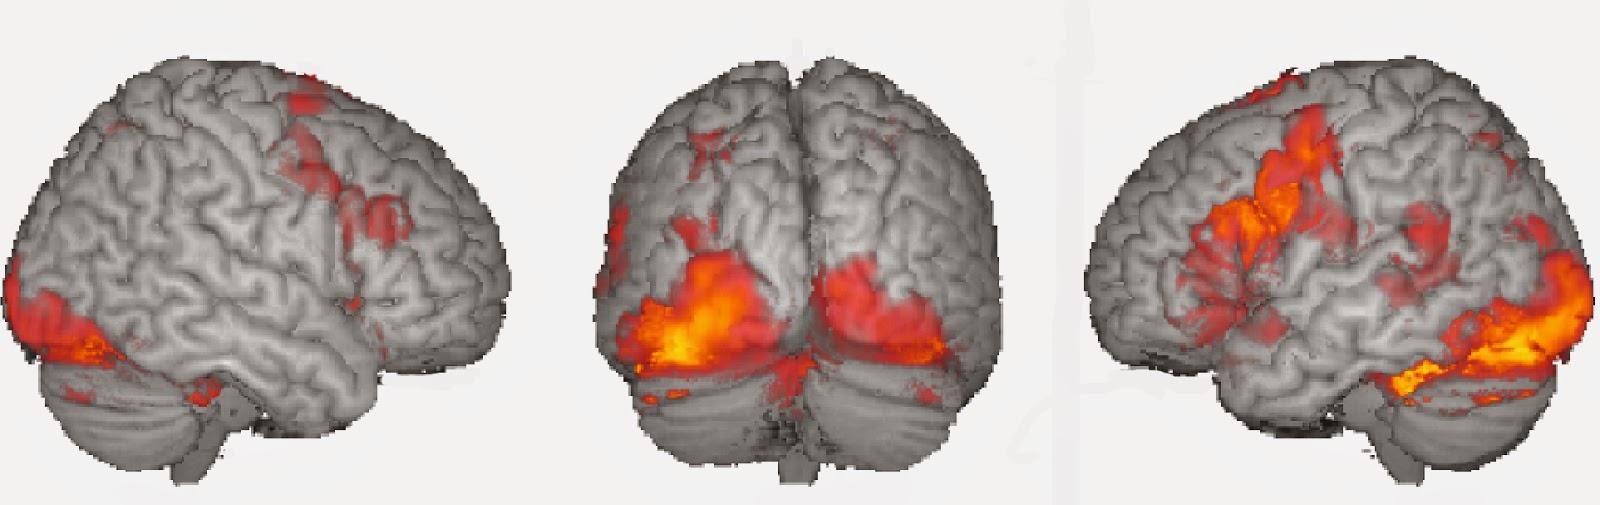 Autism Spectrum Disorder, fMRI